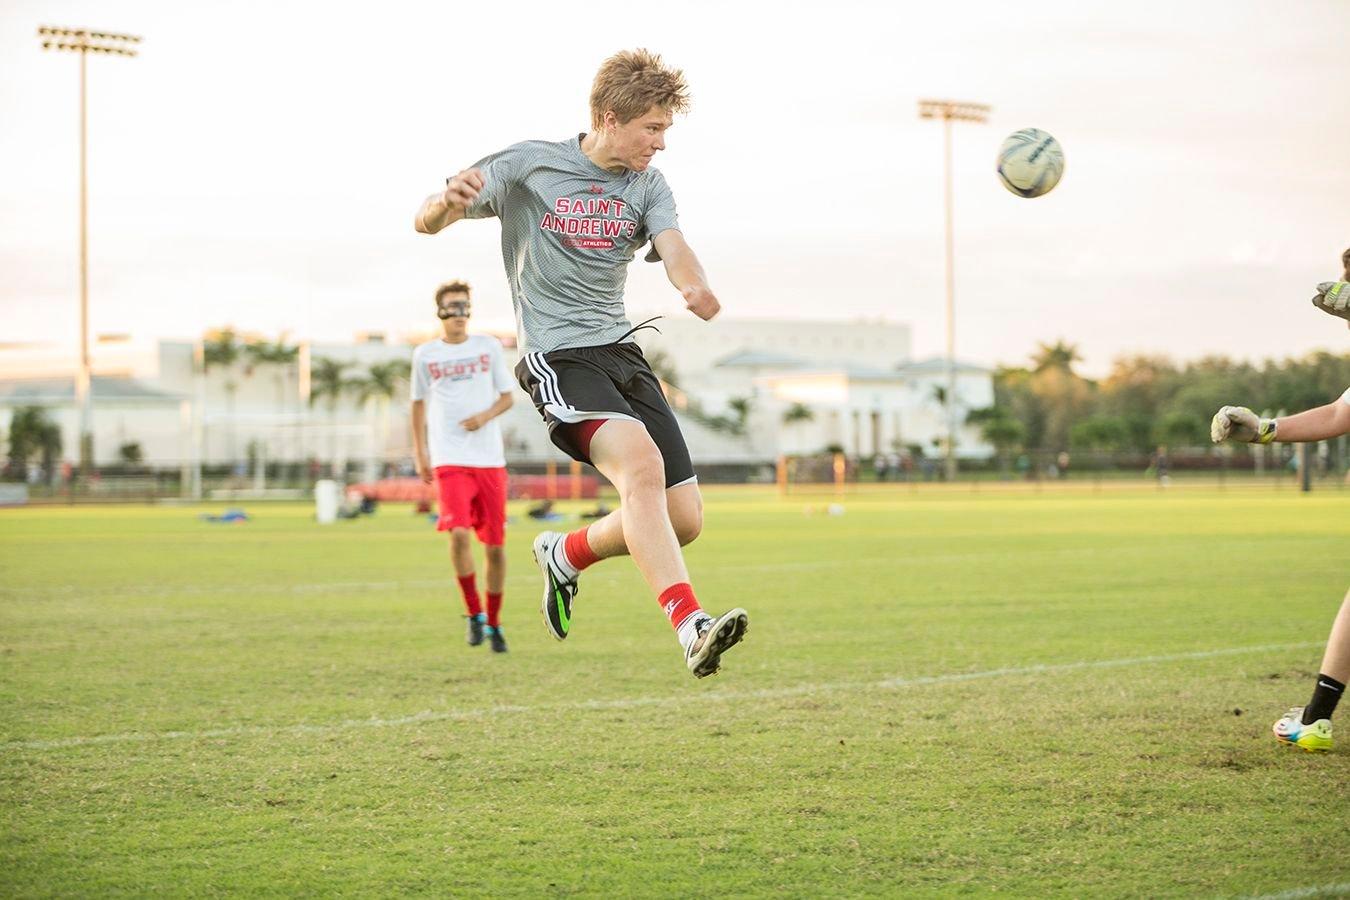 Fußballer während eines Spiels